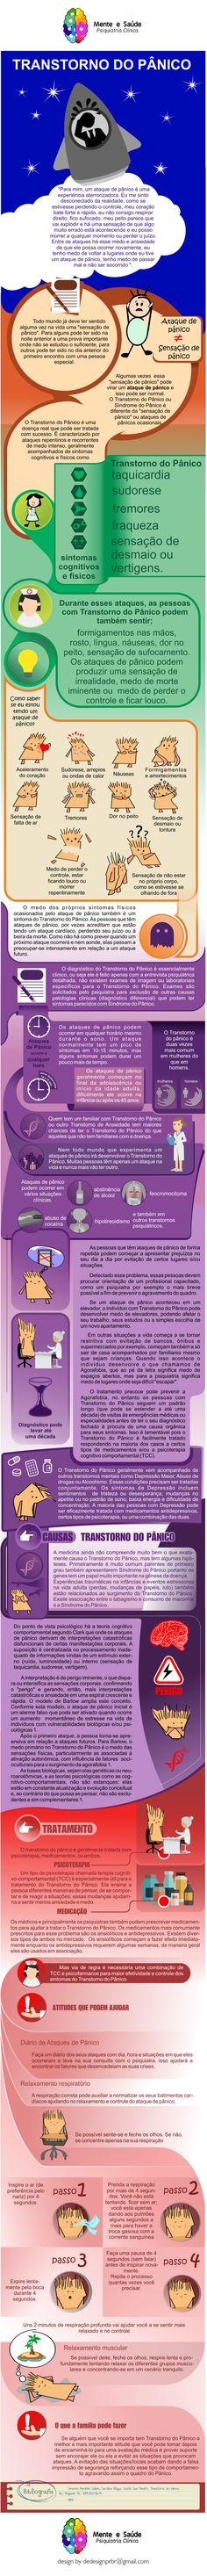 Infográfico Transtorno do Pânico - Panic Disorder - Infographic - Design - Graphic Design - Design Gráfico